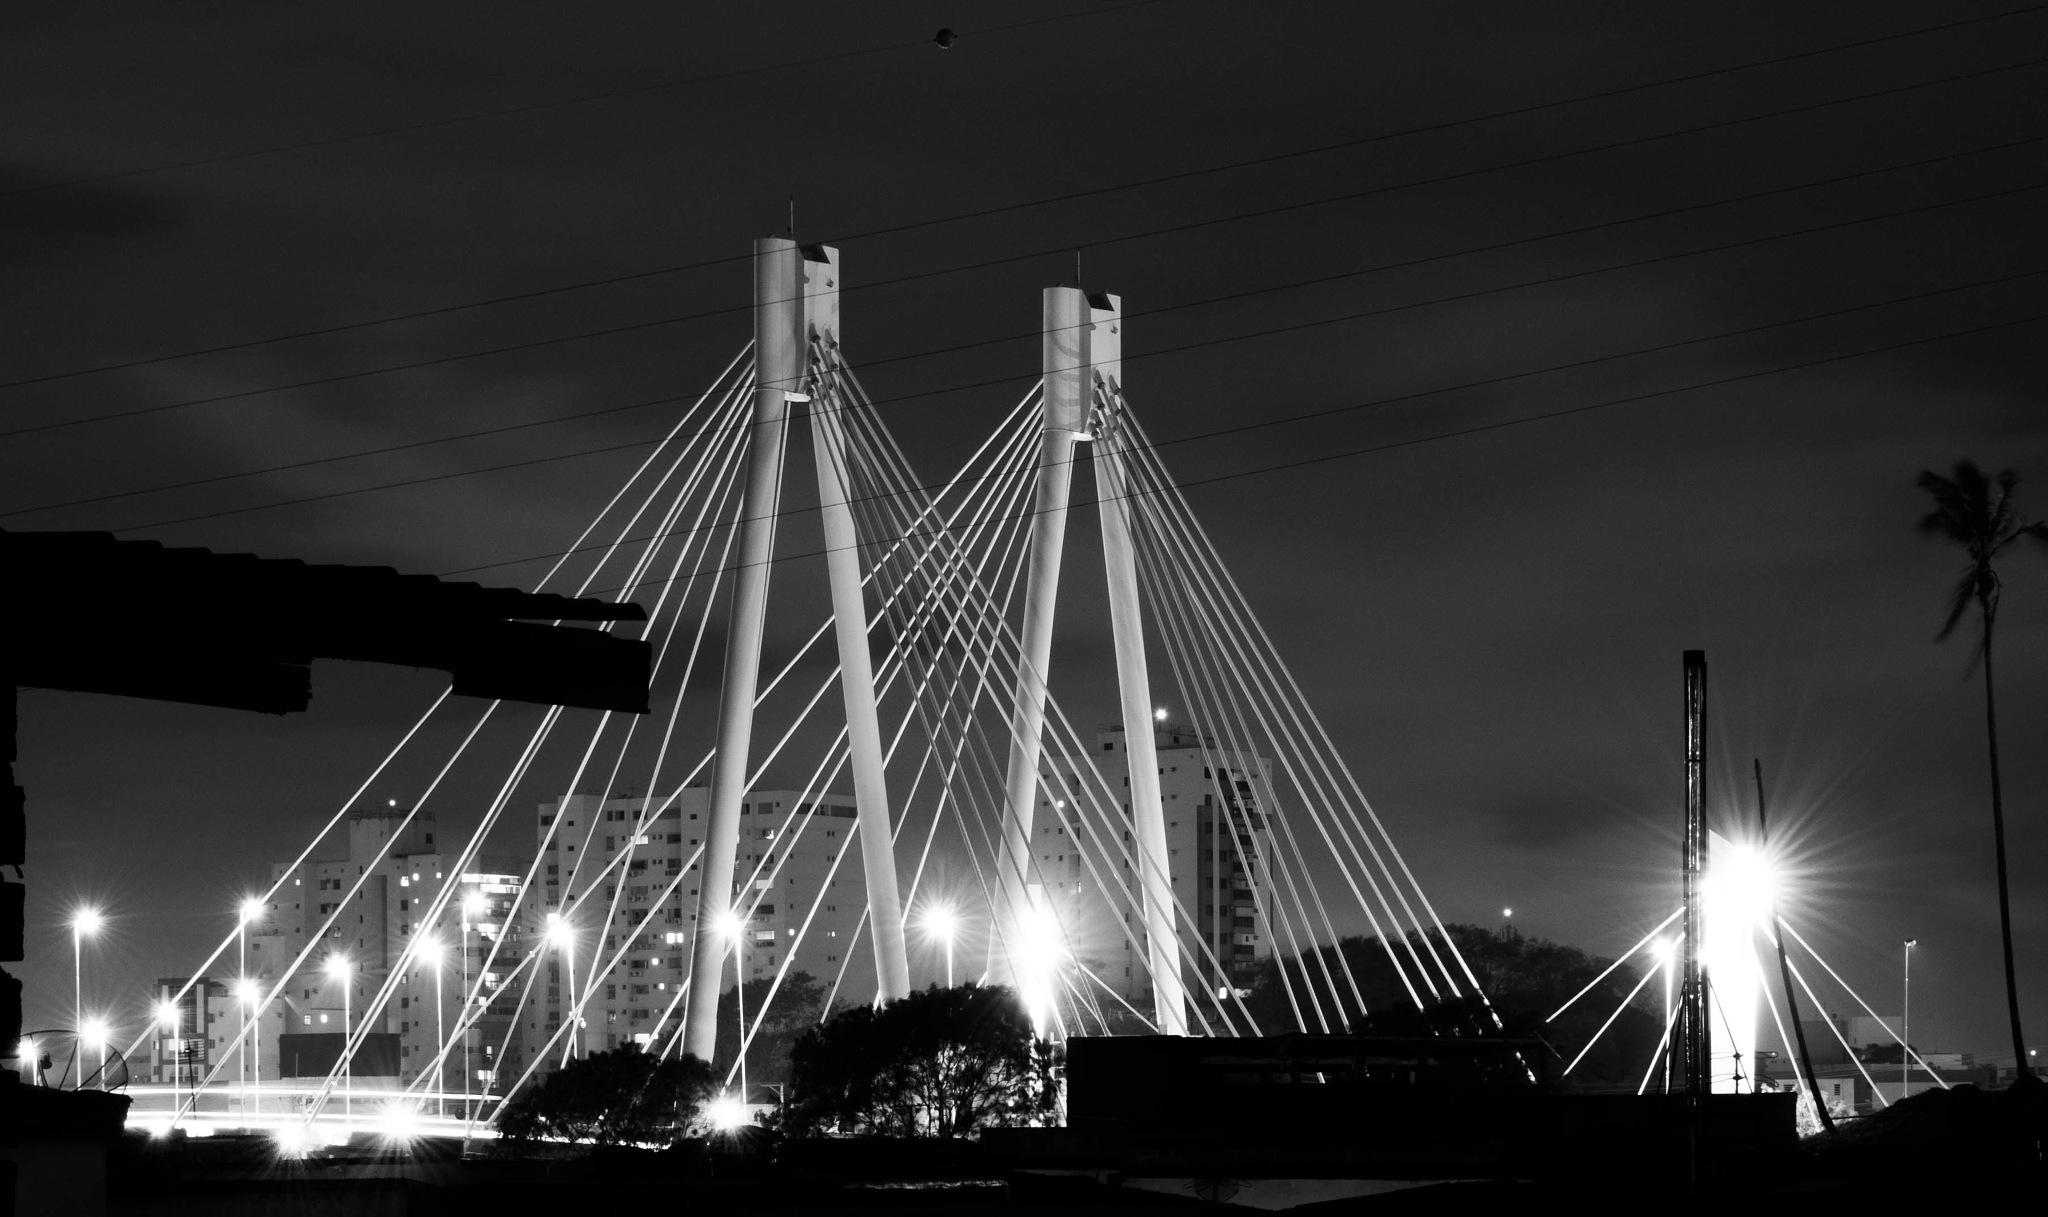 Ponte da Passagem by Leandro Moura